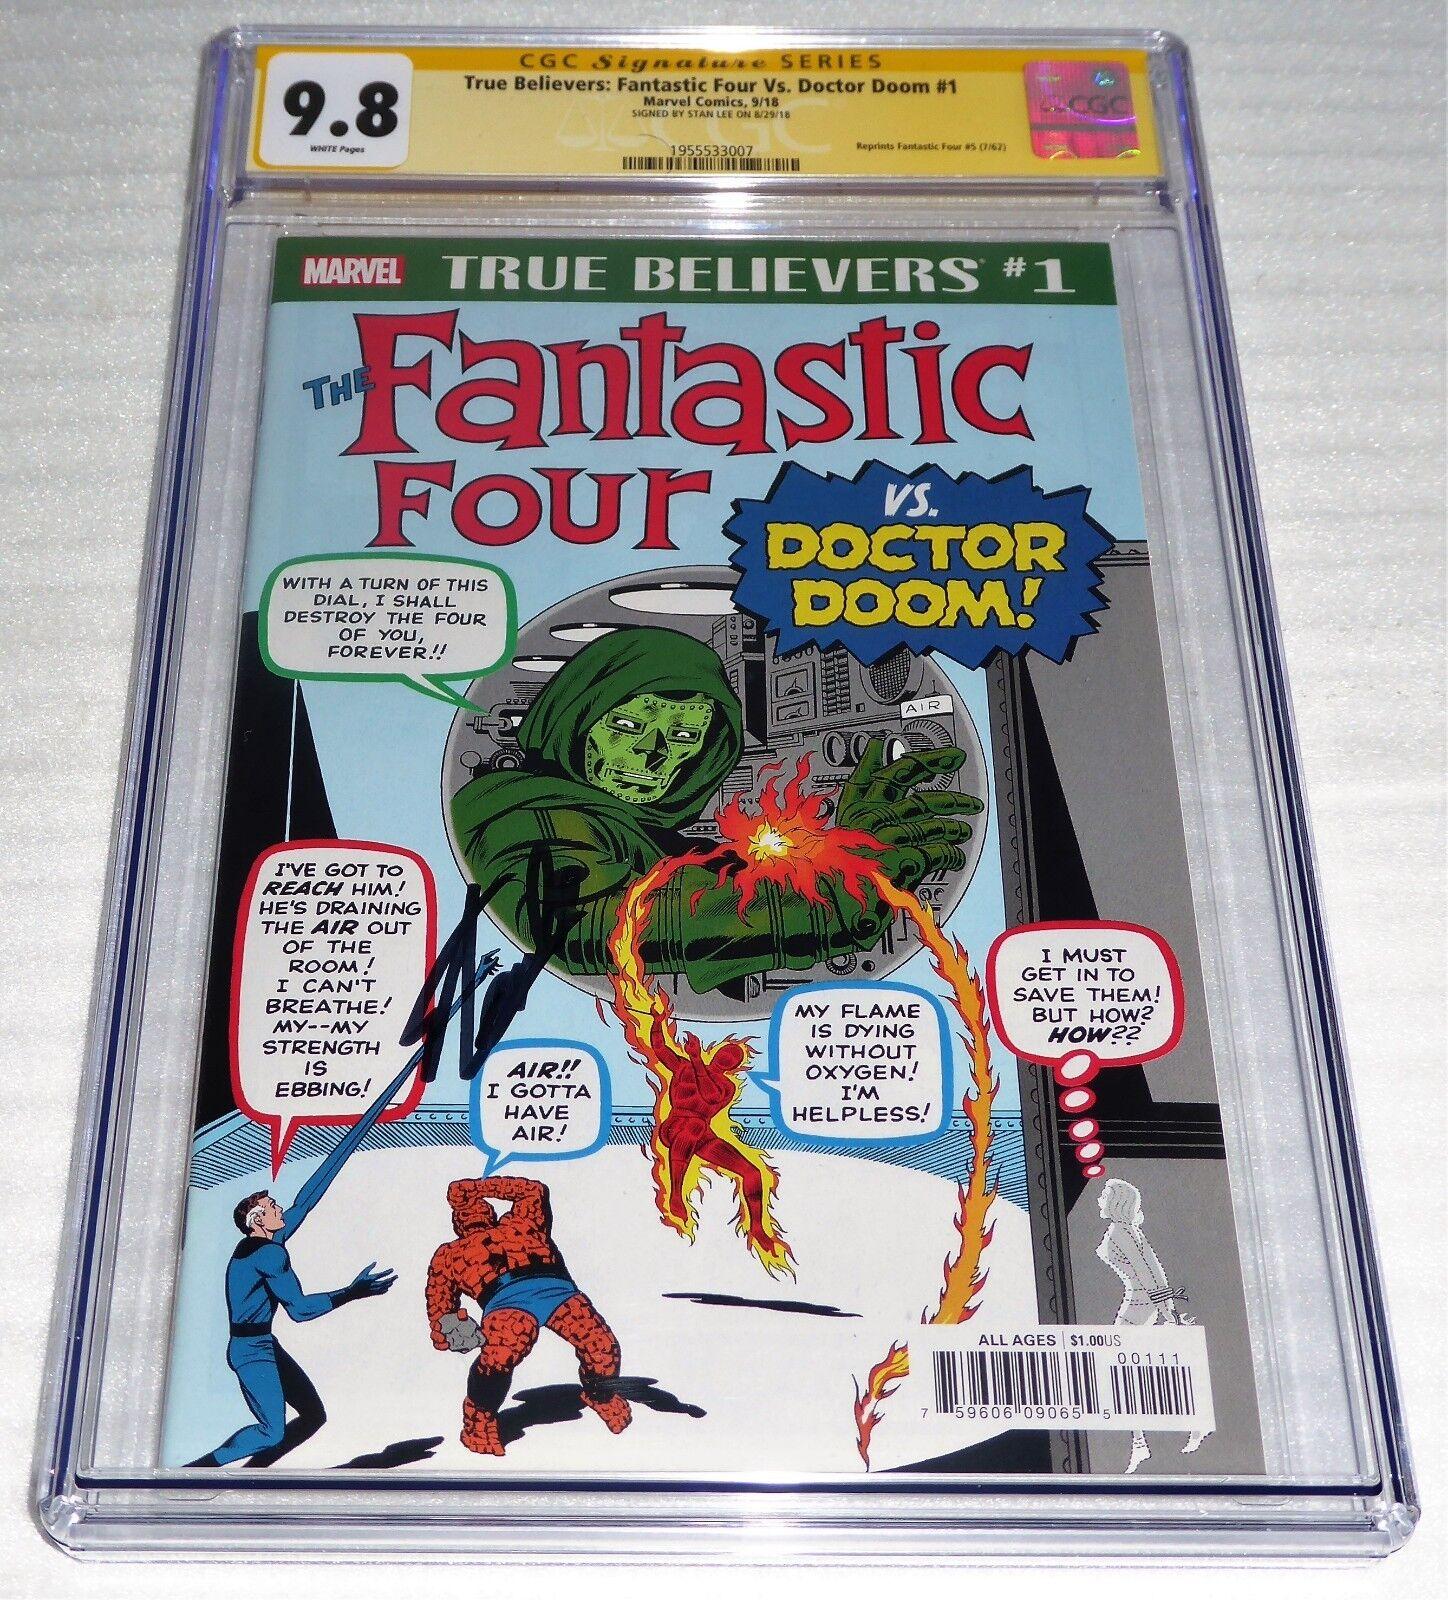 True Believers Fantastic Four Vs. Doctor Doom CGC SS 9.8 STAN LEE Reprints #5